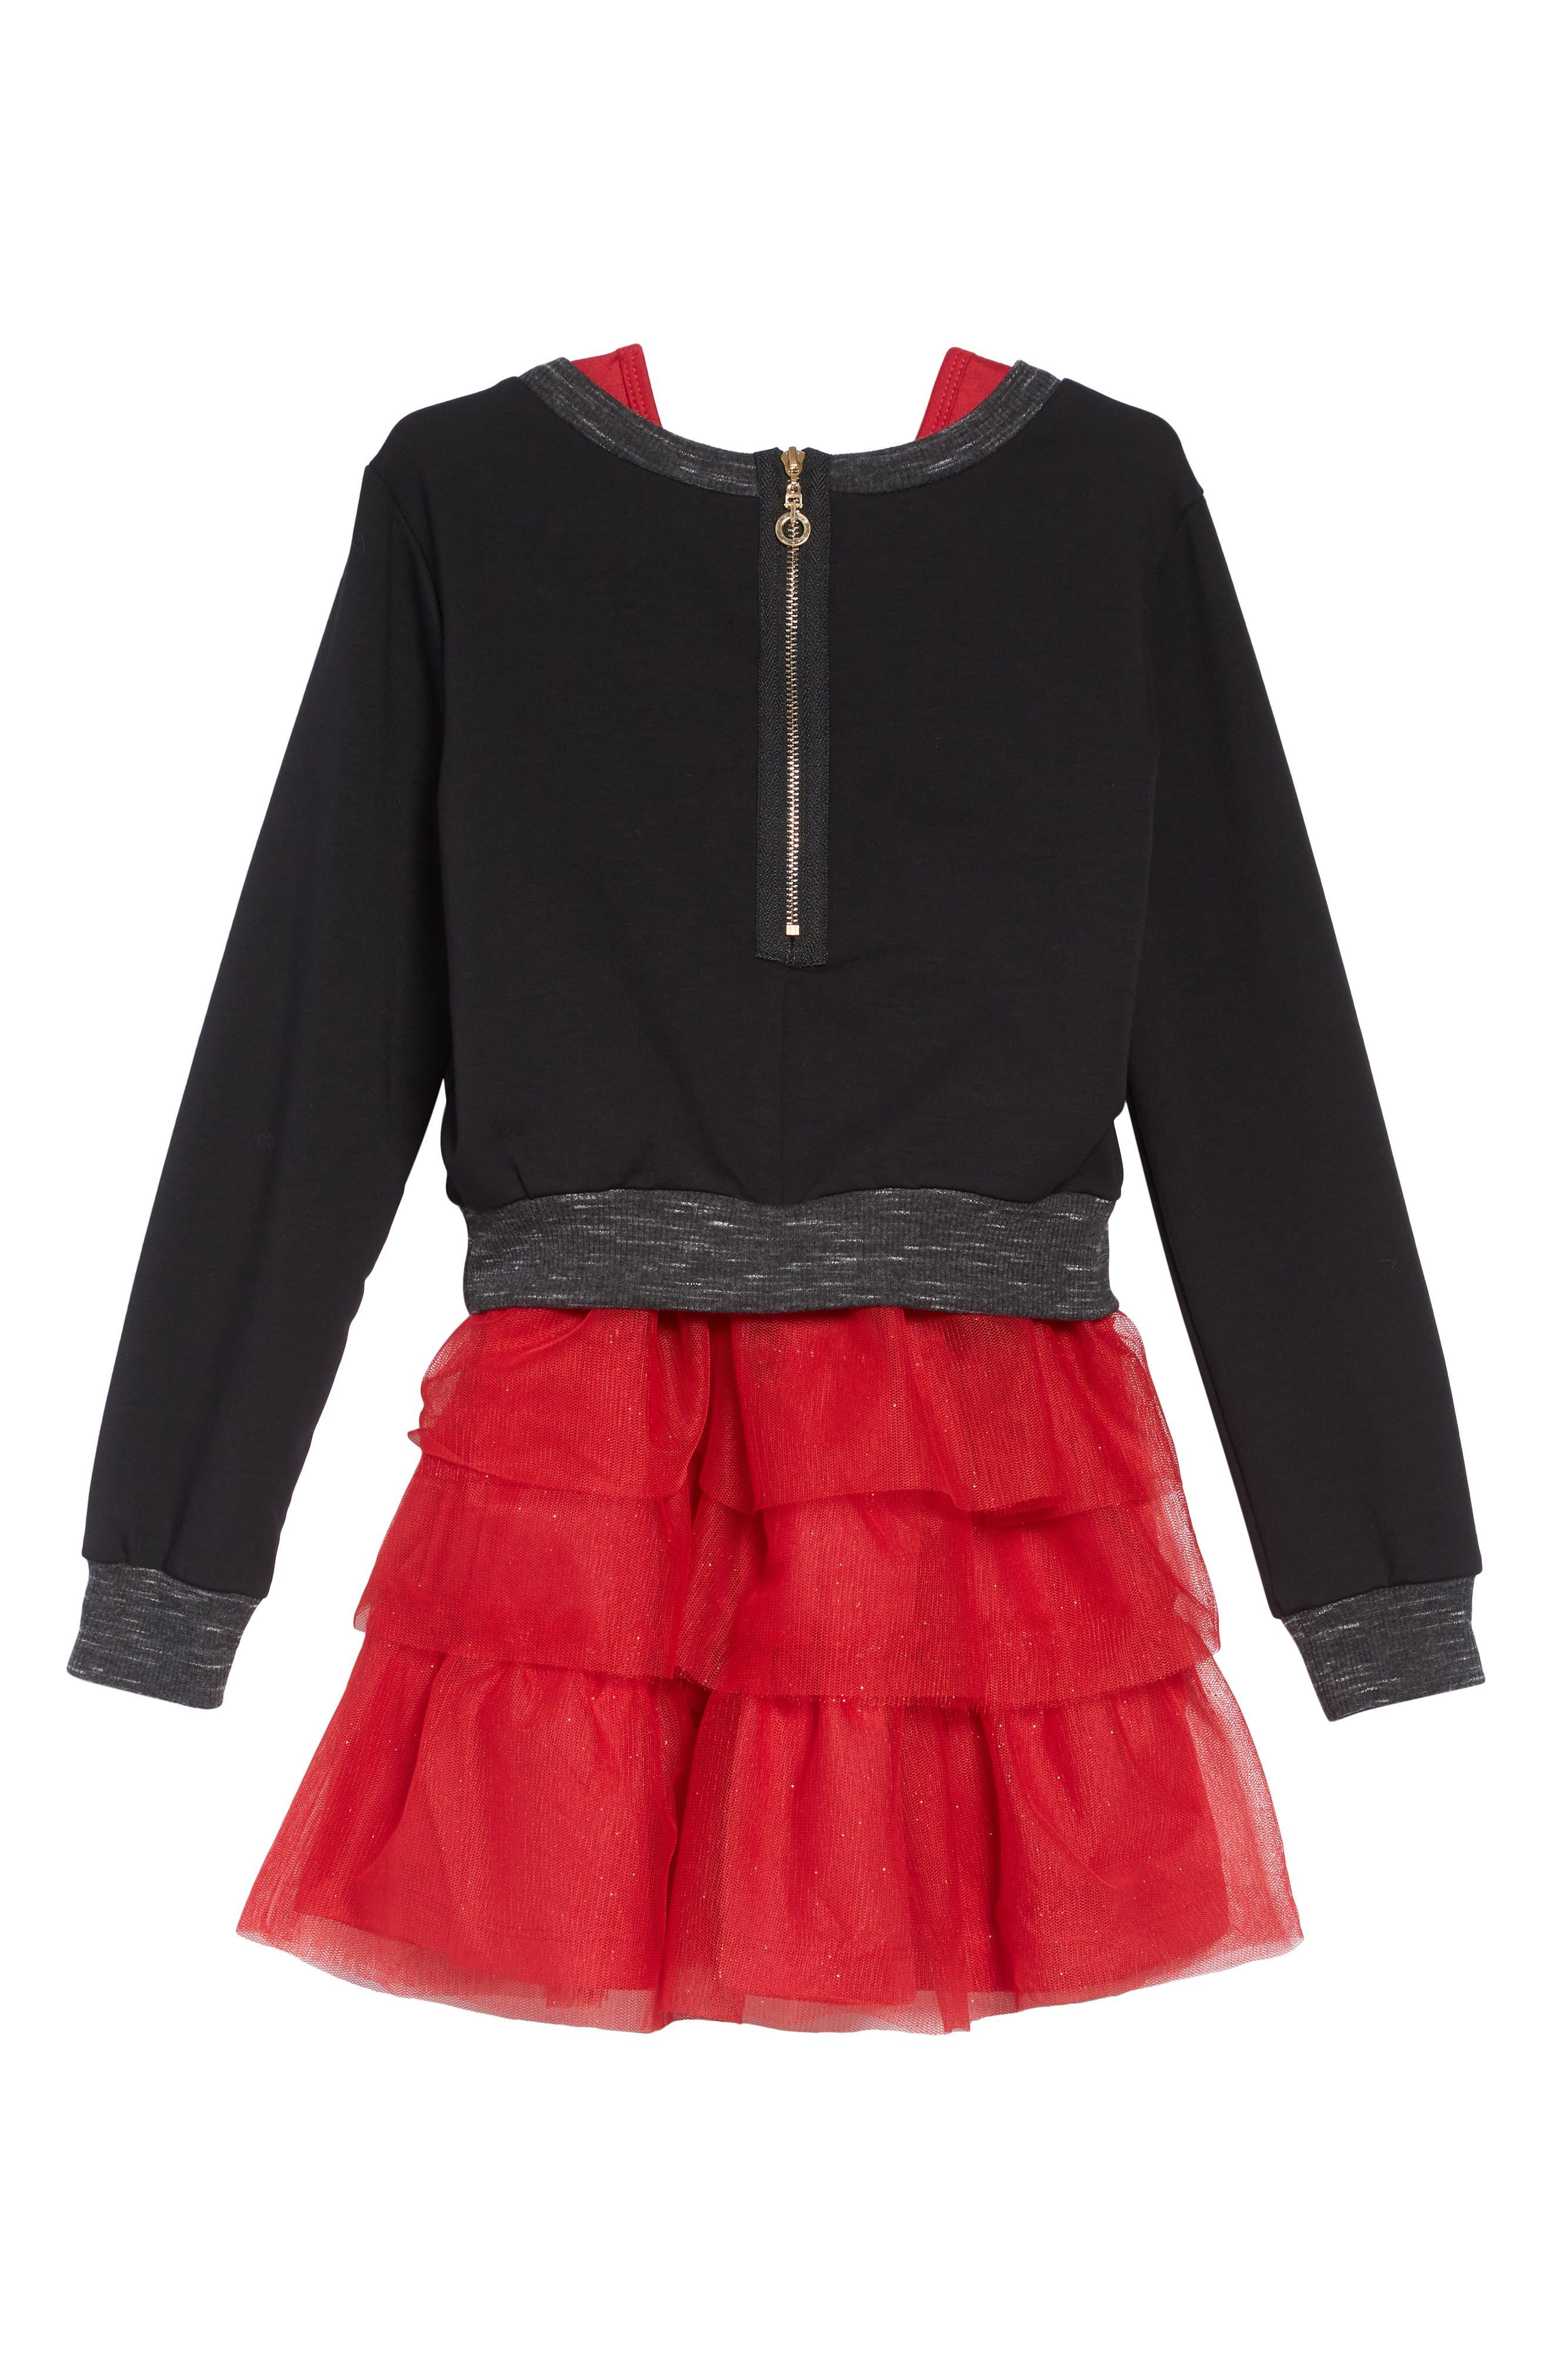 Believe Sequin Appliqué Sweatshirt & Tulle Dress Set,                             Alternate thumbnail 2, color,                             BLACK RED